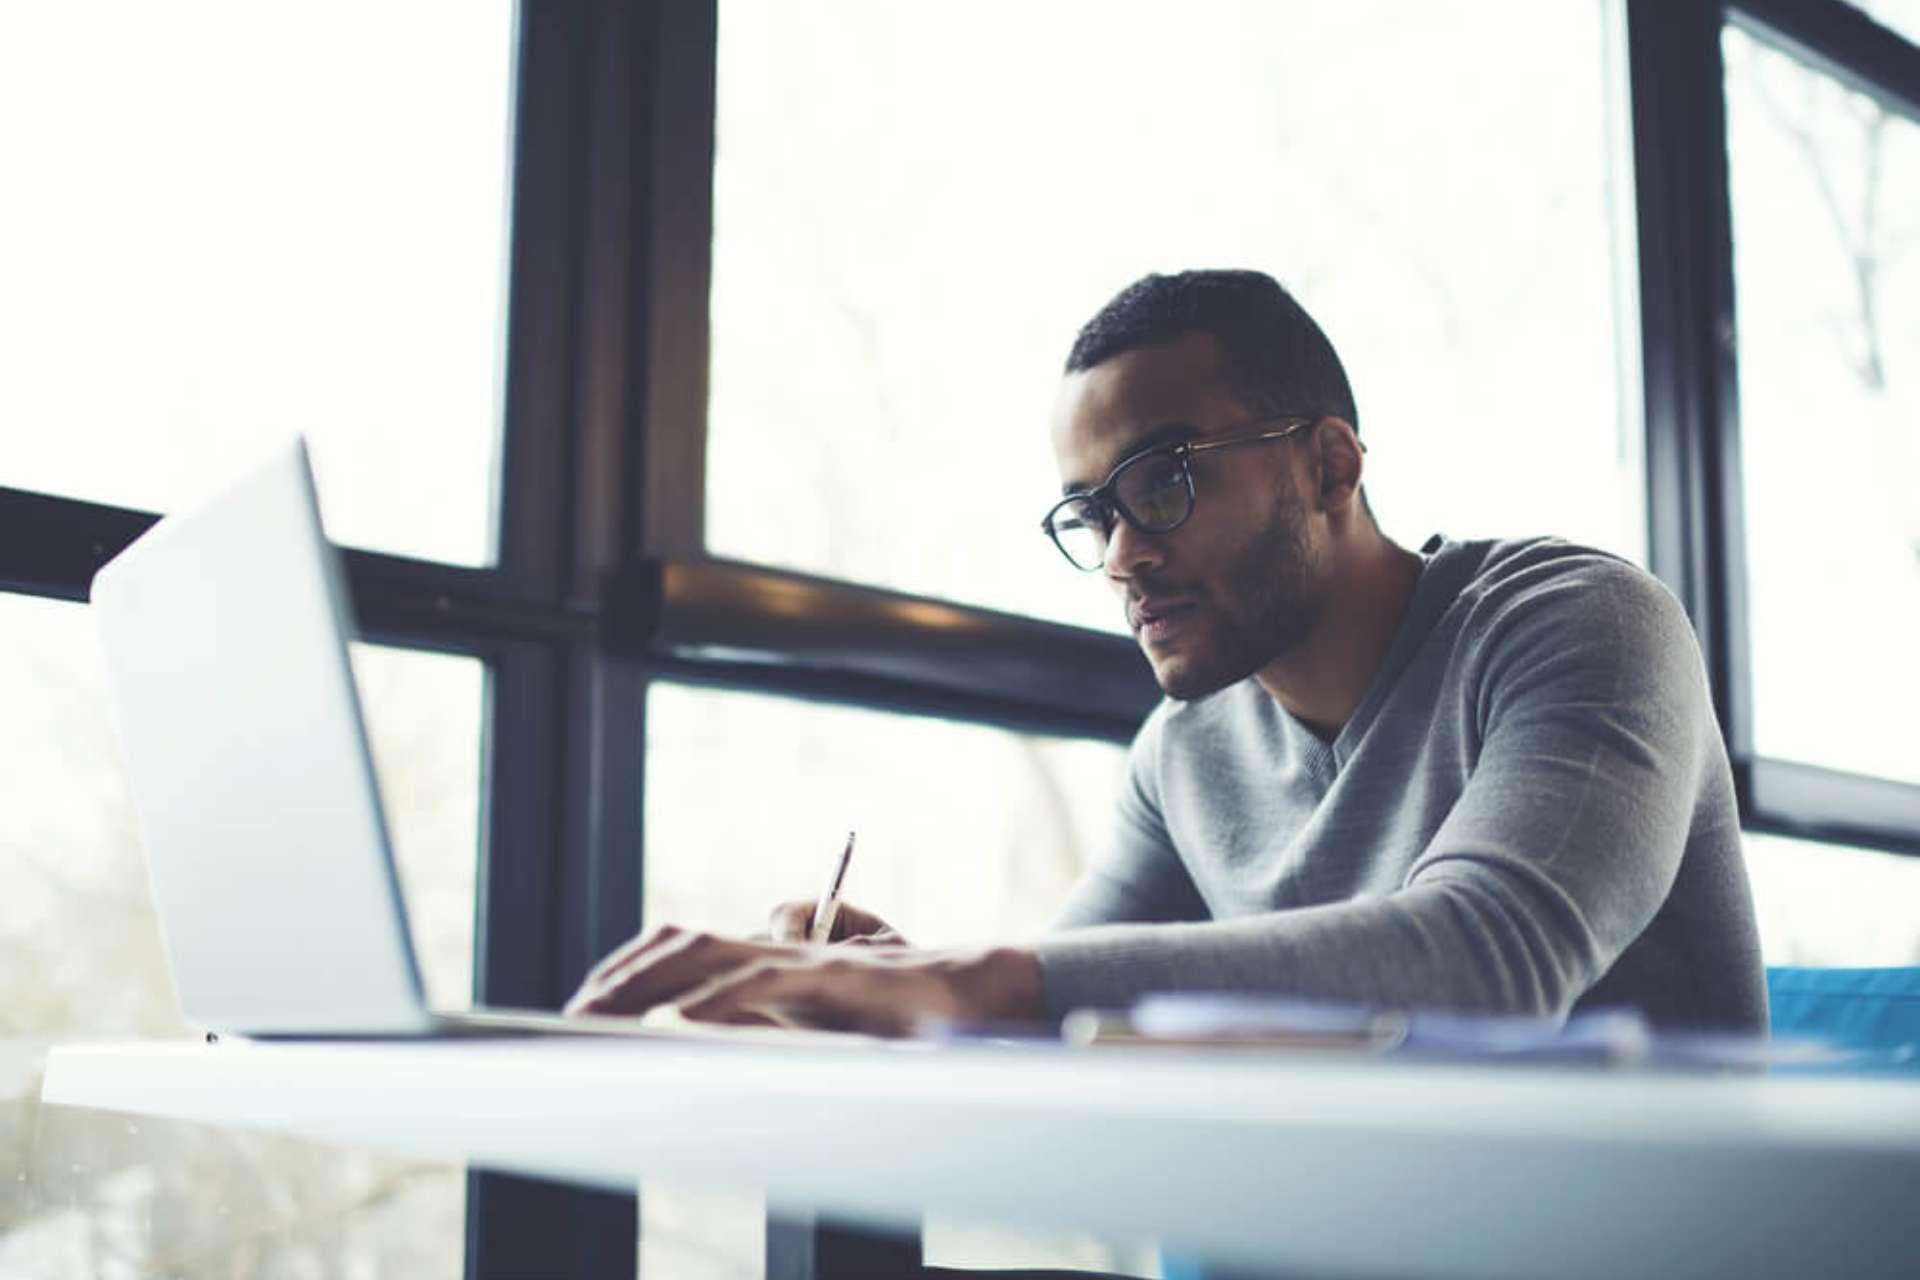 Empreendedores e COVID-19: dicas e sugestões para se reinventar